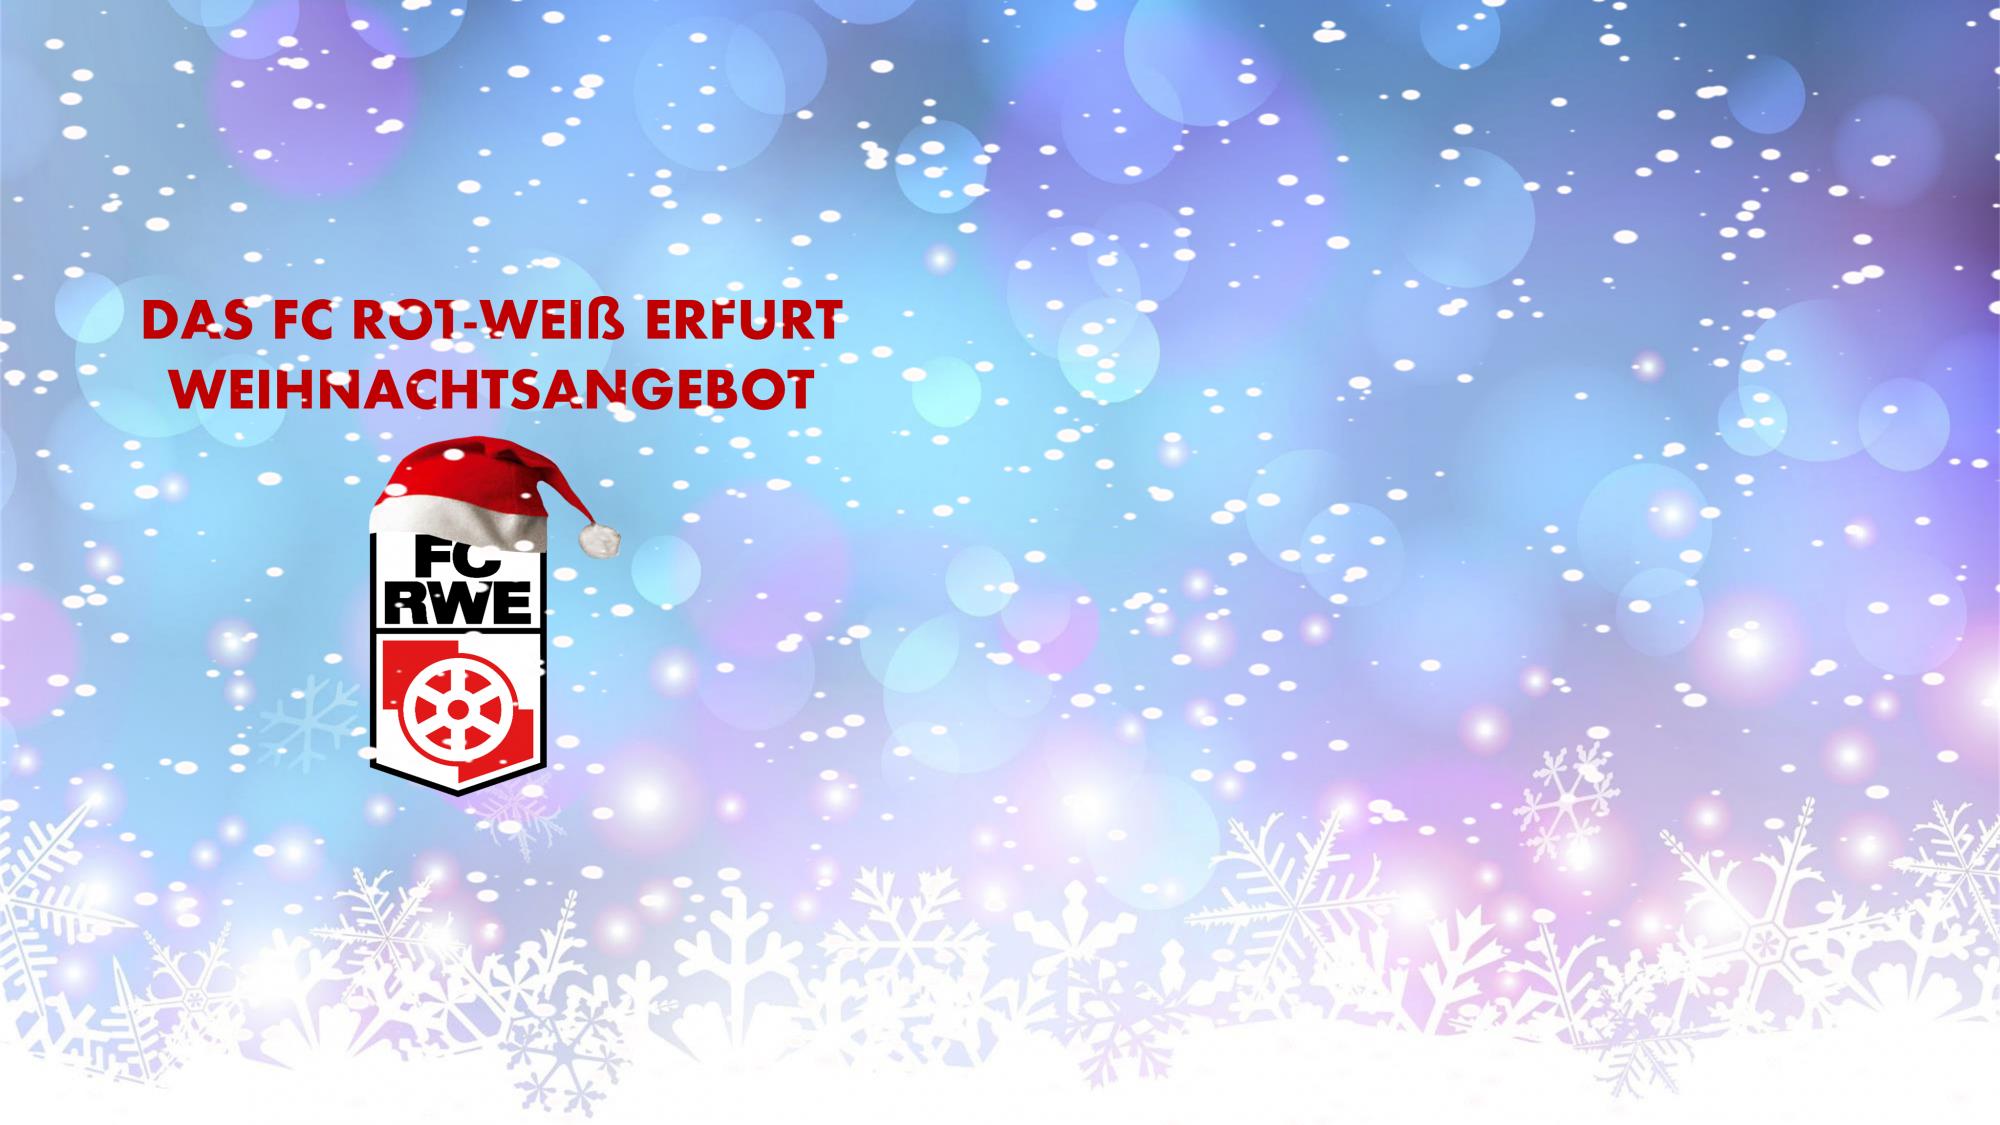 Weihnachtsfeier Erfurt.Die Rot Weisse Weihnachtsfeier Fc Rot Weiß Erfurt